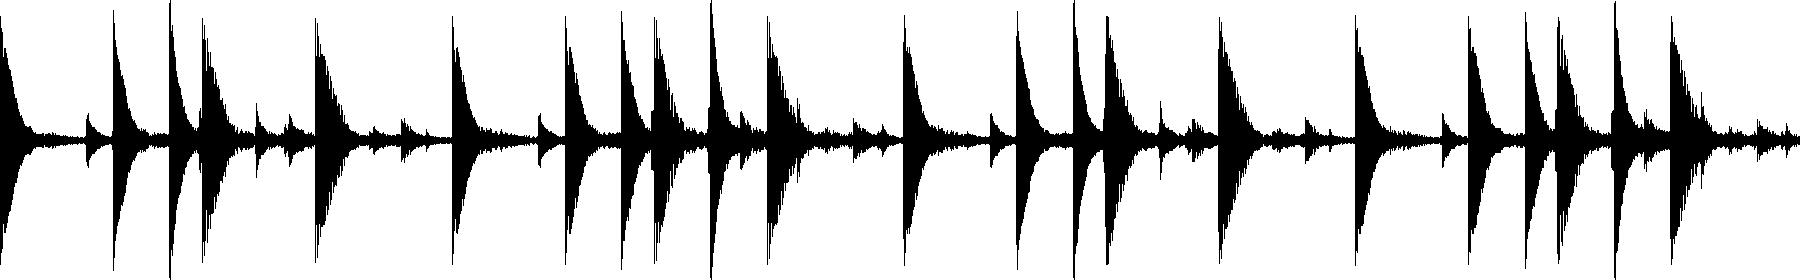 vedh melodyloop 098 gm 122bpm